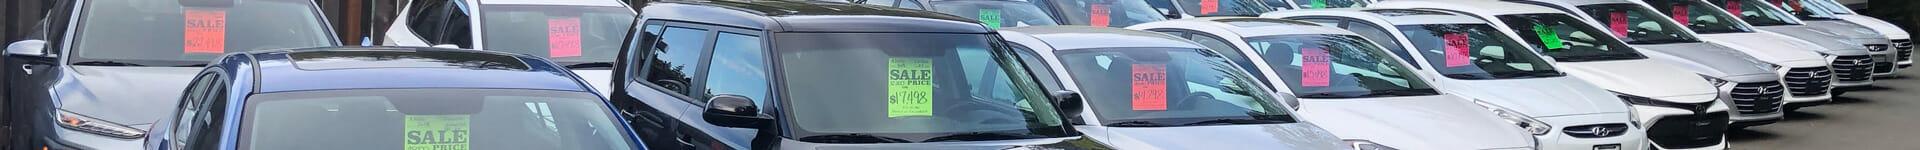 National Car & Truck Sales Victoria